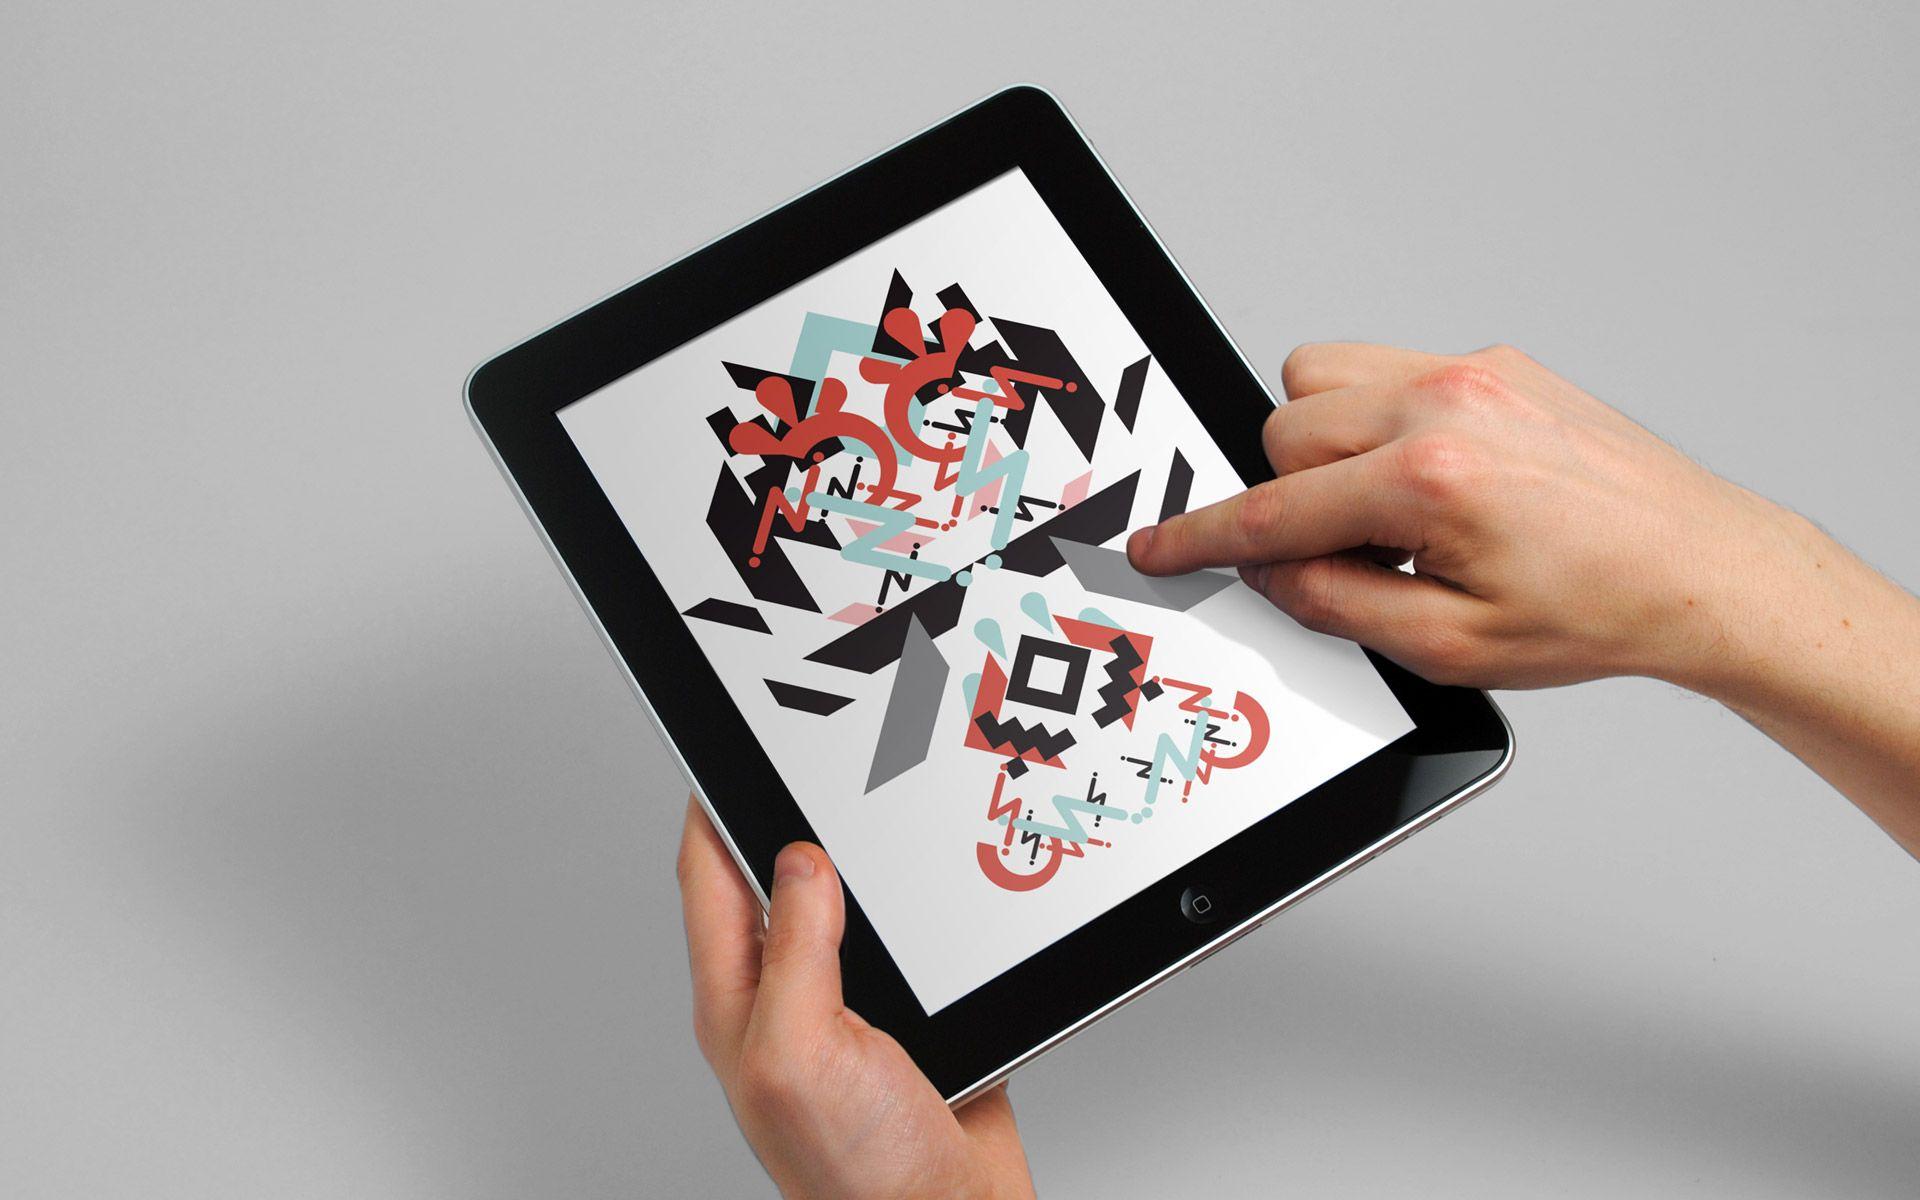 Sawdust — Work, Granimator Wallpaper app, Interactive